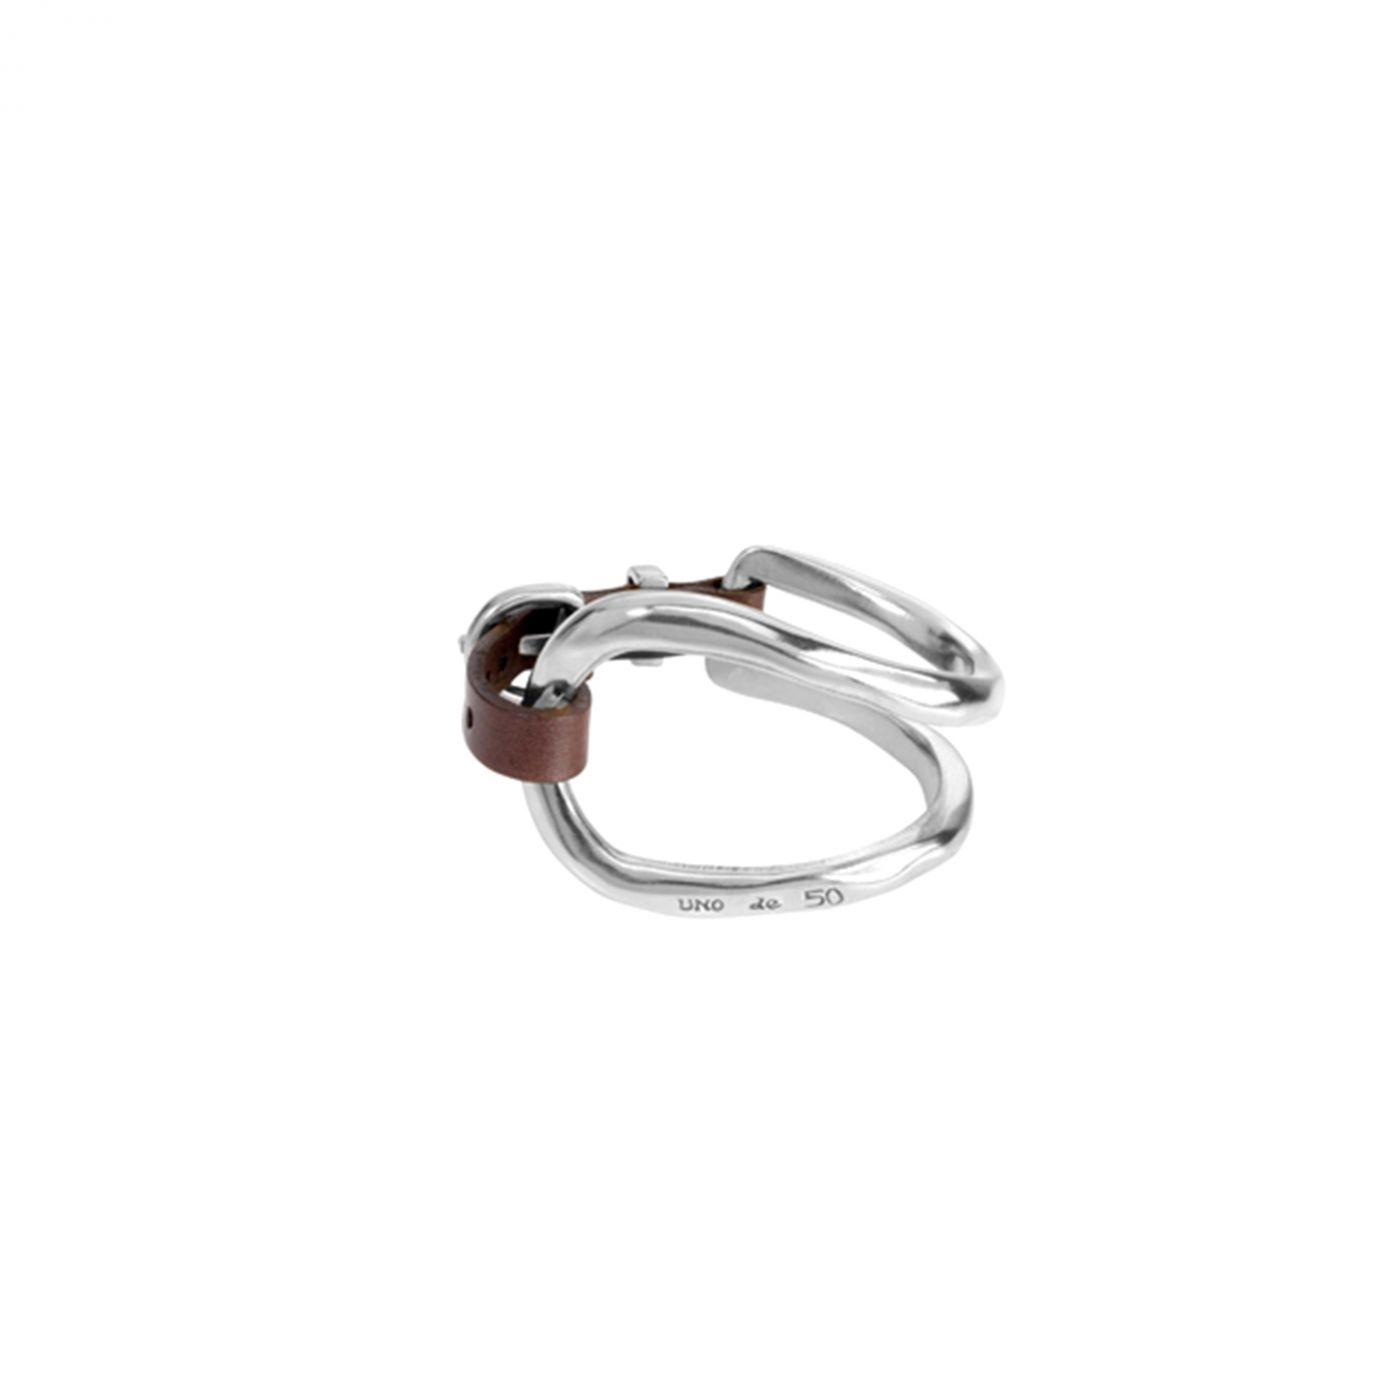 Armband, Uno de 50, Bite, Silver